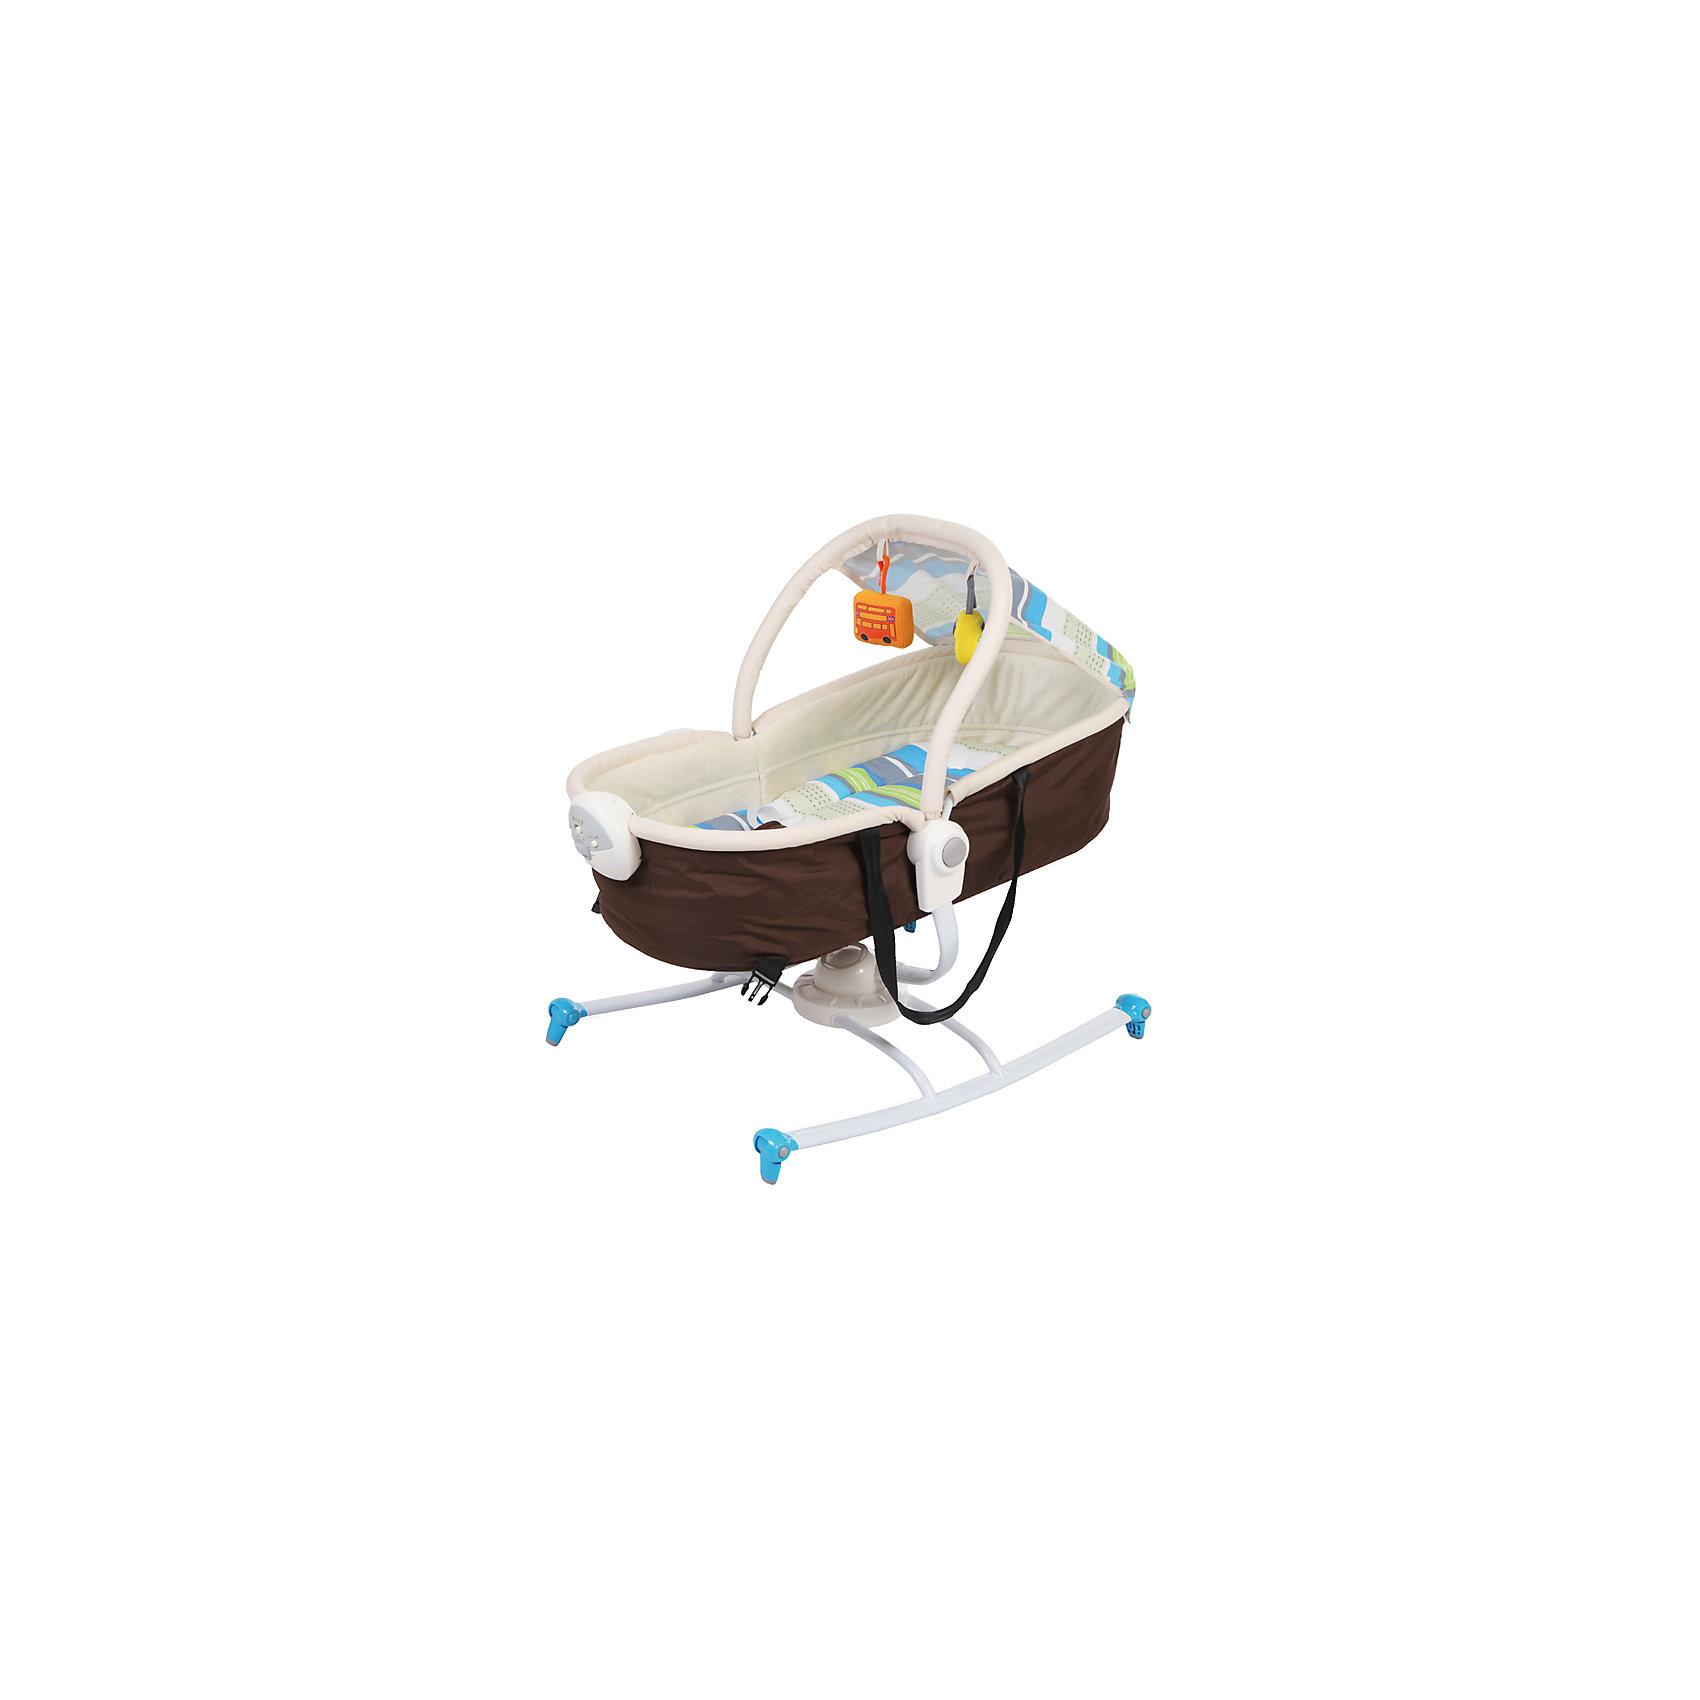 Шезлонг Dreamer, Jetem, коричневый/синийШезлонги<br>Удобный и практичный шезлонг - идеальный вариант для малышей и их родителей. Модель может трансформироваться в люльку, имеет глубокий капор, который обеспечит крохе спокойный и комфортный отдых. Шезлонг имеет блок вибраций и музыкальный блок с регулировкой громкости, включающий в себя 6 колыбельных мелодий. Ремни безопасности надежно и мягко удержат в шезлонге уже подросшего и более активного малыша, а дуга с игрушками развлечет кроху. Модель выполнена из высококачественных экологичных материалов абсолютно безопасных для детей.<br><br>Дополнительная информация:<br><br>- Материал: пластик, текстиль.<br>- Размеры шезлонга: 73х51х71 см.<br>- Размеры люльки: 74х51х66 см.<br>- Трансформируется в люльку.<br>- Блок вибрации с регулировкой.<br>- 6 мелодий с регулировкой громкости.<br>- Дуга с игрушками.<br>- Капор.<br>- Ремень безопасности.<br>- База шезлонга может вращаться на 360 градусов.<br>- Стирка: щадящий режим, 30?.<br>- Вес: 4,6 кг.<br><br>Шезлонг Dreamer, Jetem (Жетем), синий, можно купить в нашем магазине.<br><br>Ширина мм: 700<br>Глубина мм: 530<br>Высота мм: 120<br>Вес г: 6200<br>Возраст от месяцев: 0<br>Возраст до месяцев: 9<br>Пол: Унисекс<br>Возраст: Детский<br>SKU: 4414636